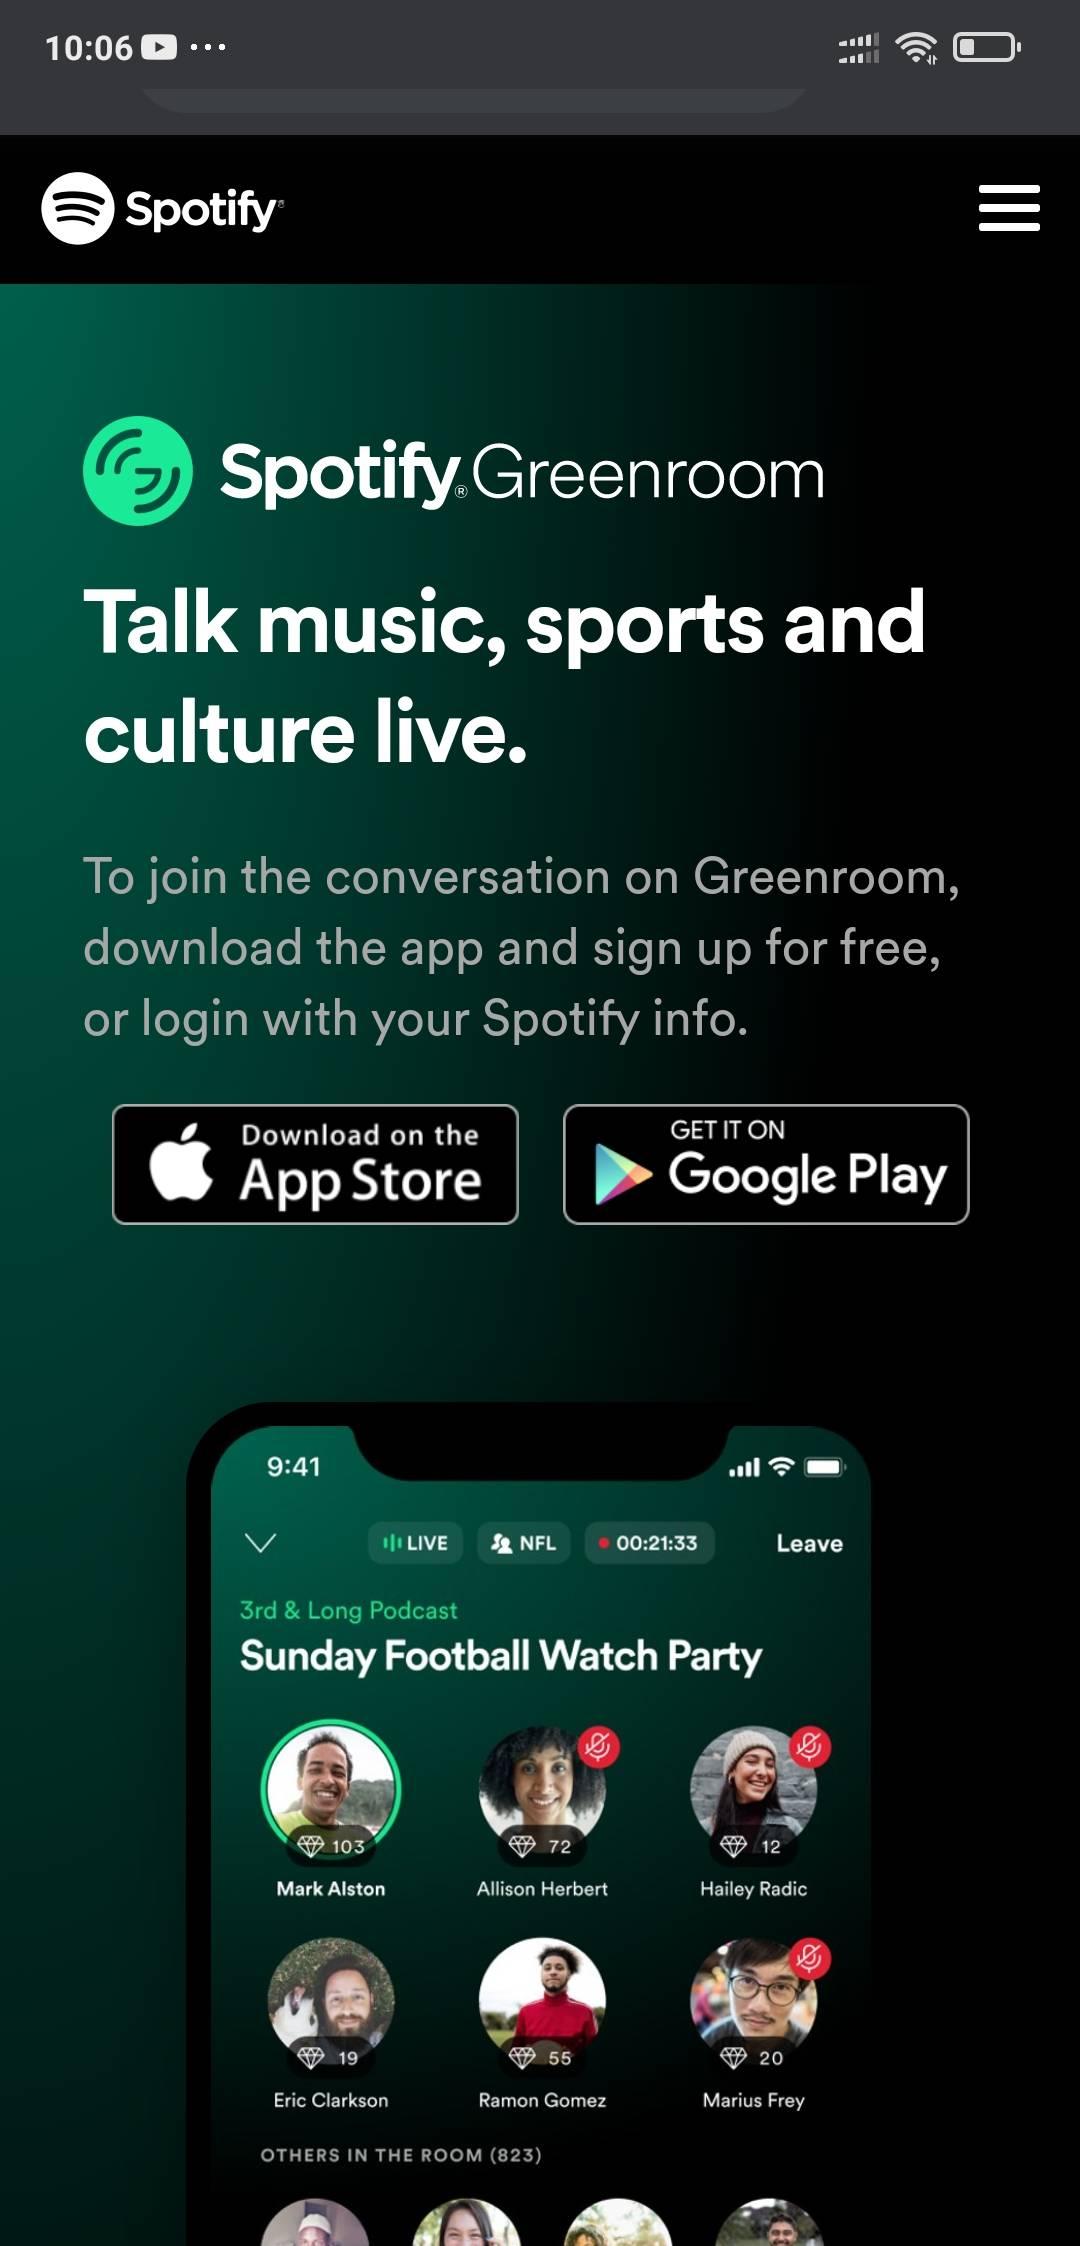 spotiy green room website